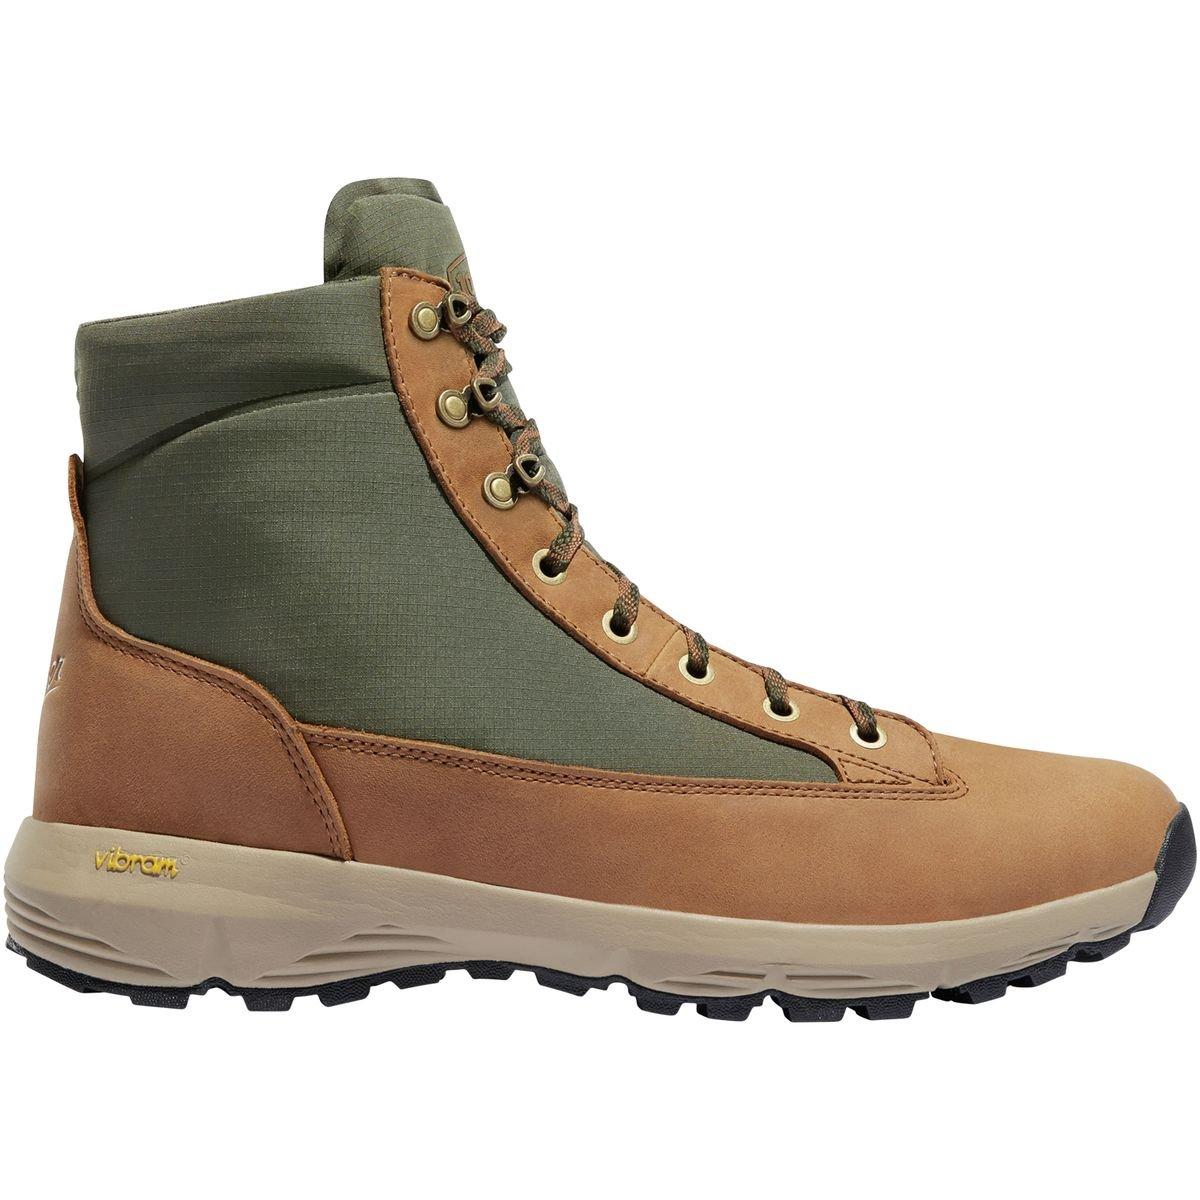 [ダナー] メンズ ハイキング Explorer 650 Hiking Boot - Men's [並行輸入品] B077YV7RMB